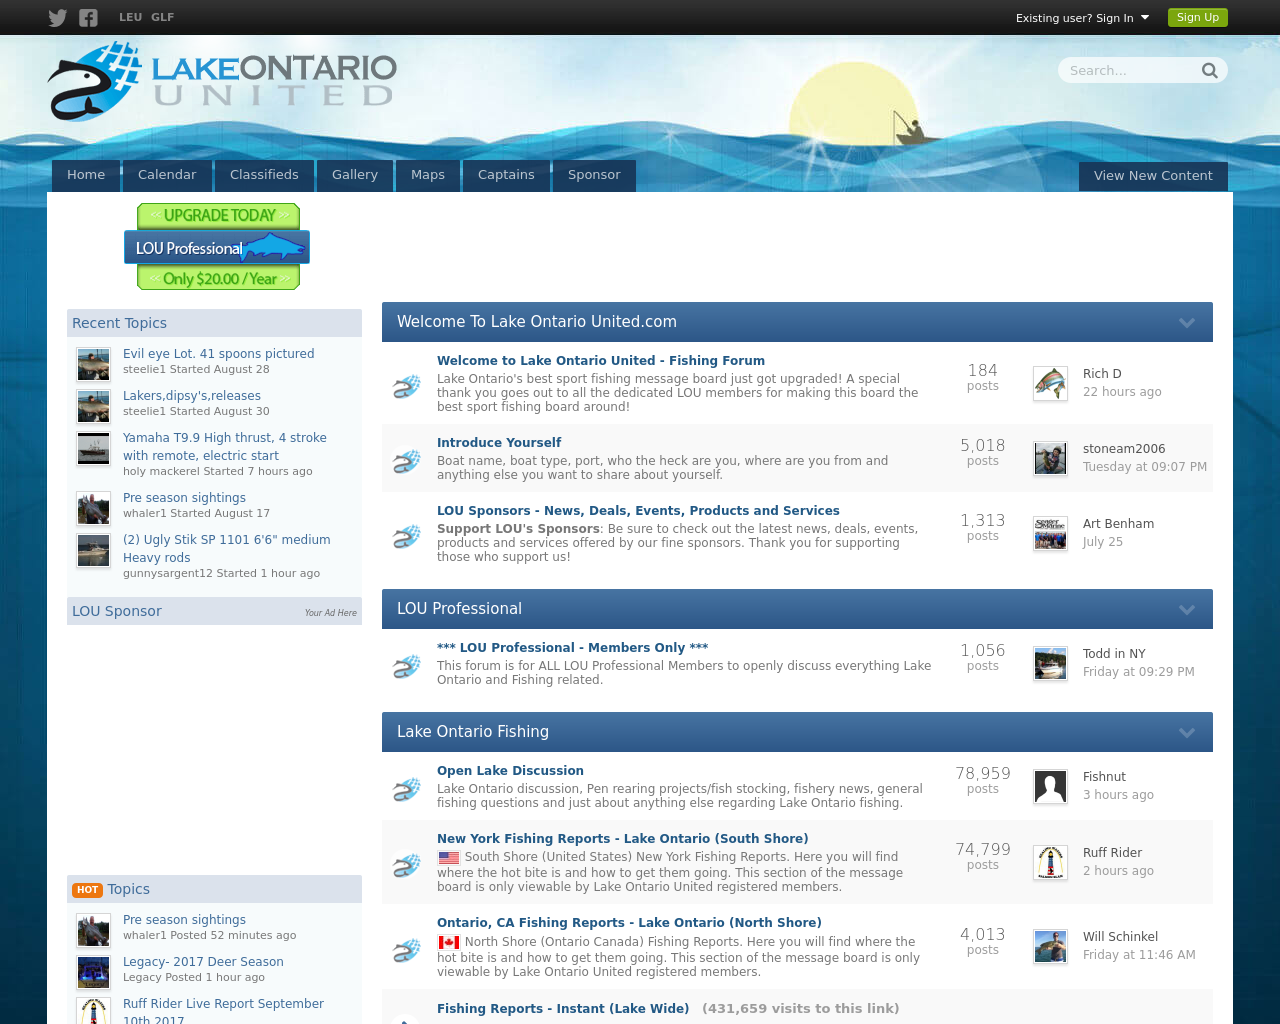 LAKEONTARIO-Advertising-Reviews-Pricing